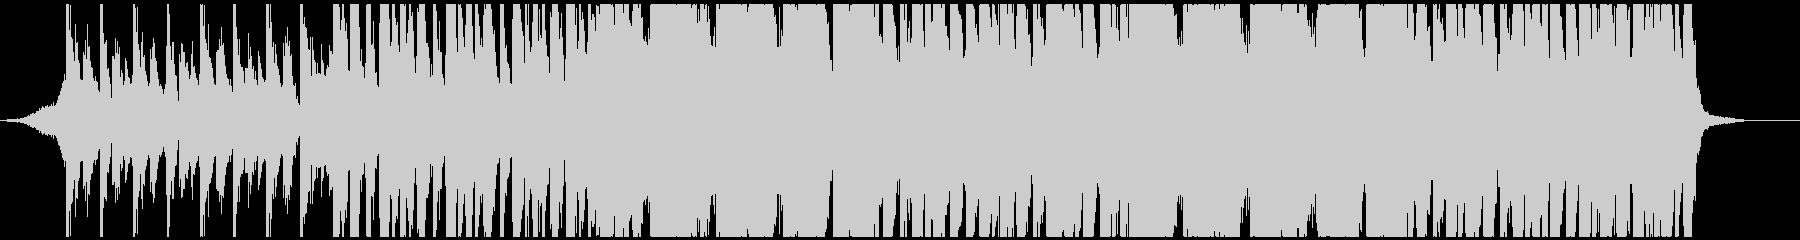 現代の交響曲 積極的 焦り 劇的な...の未再生の波形